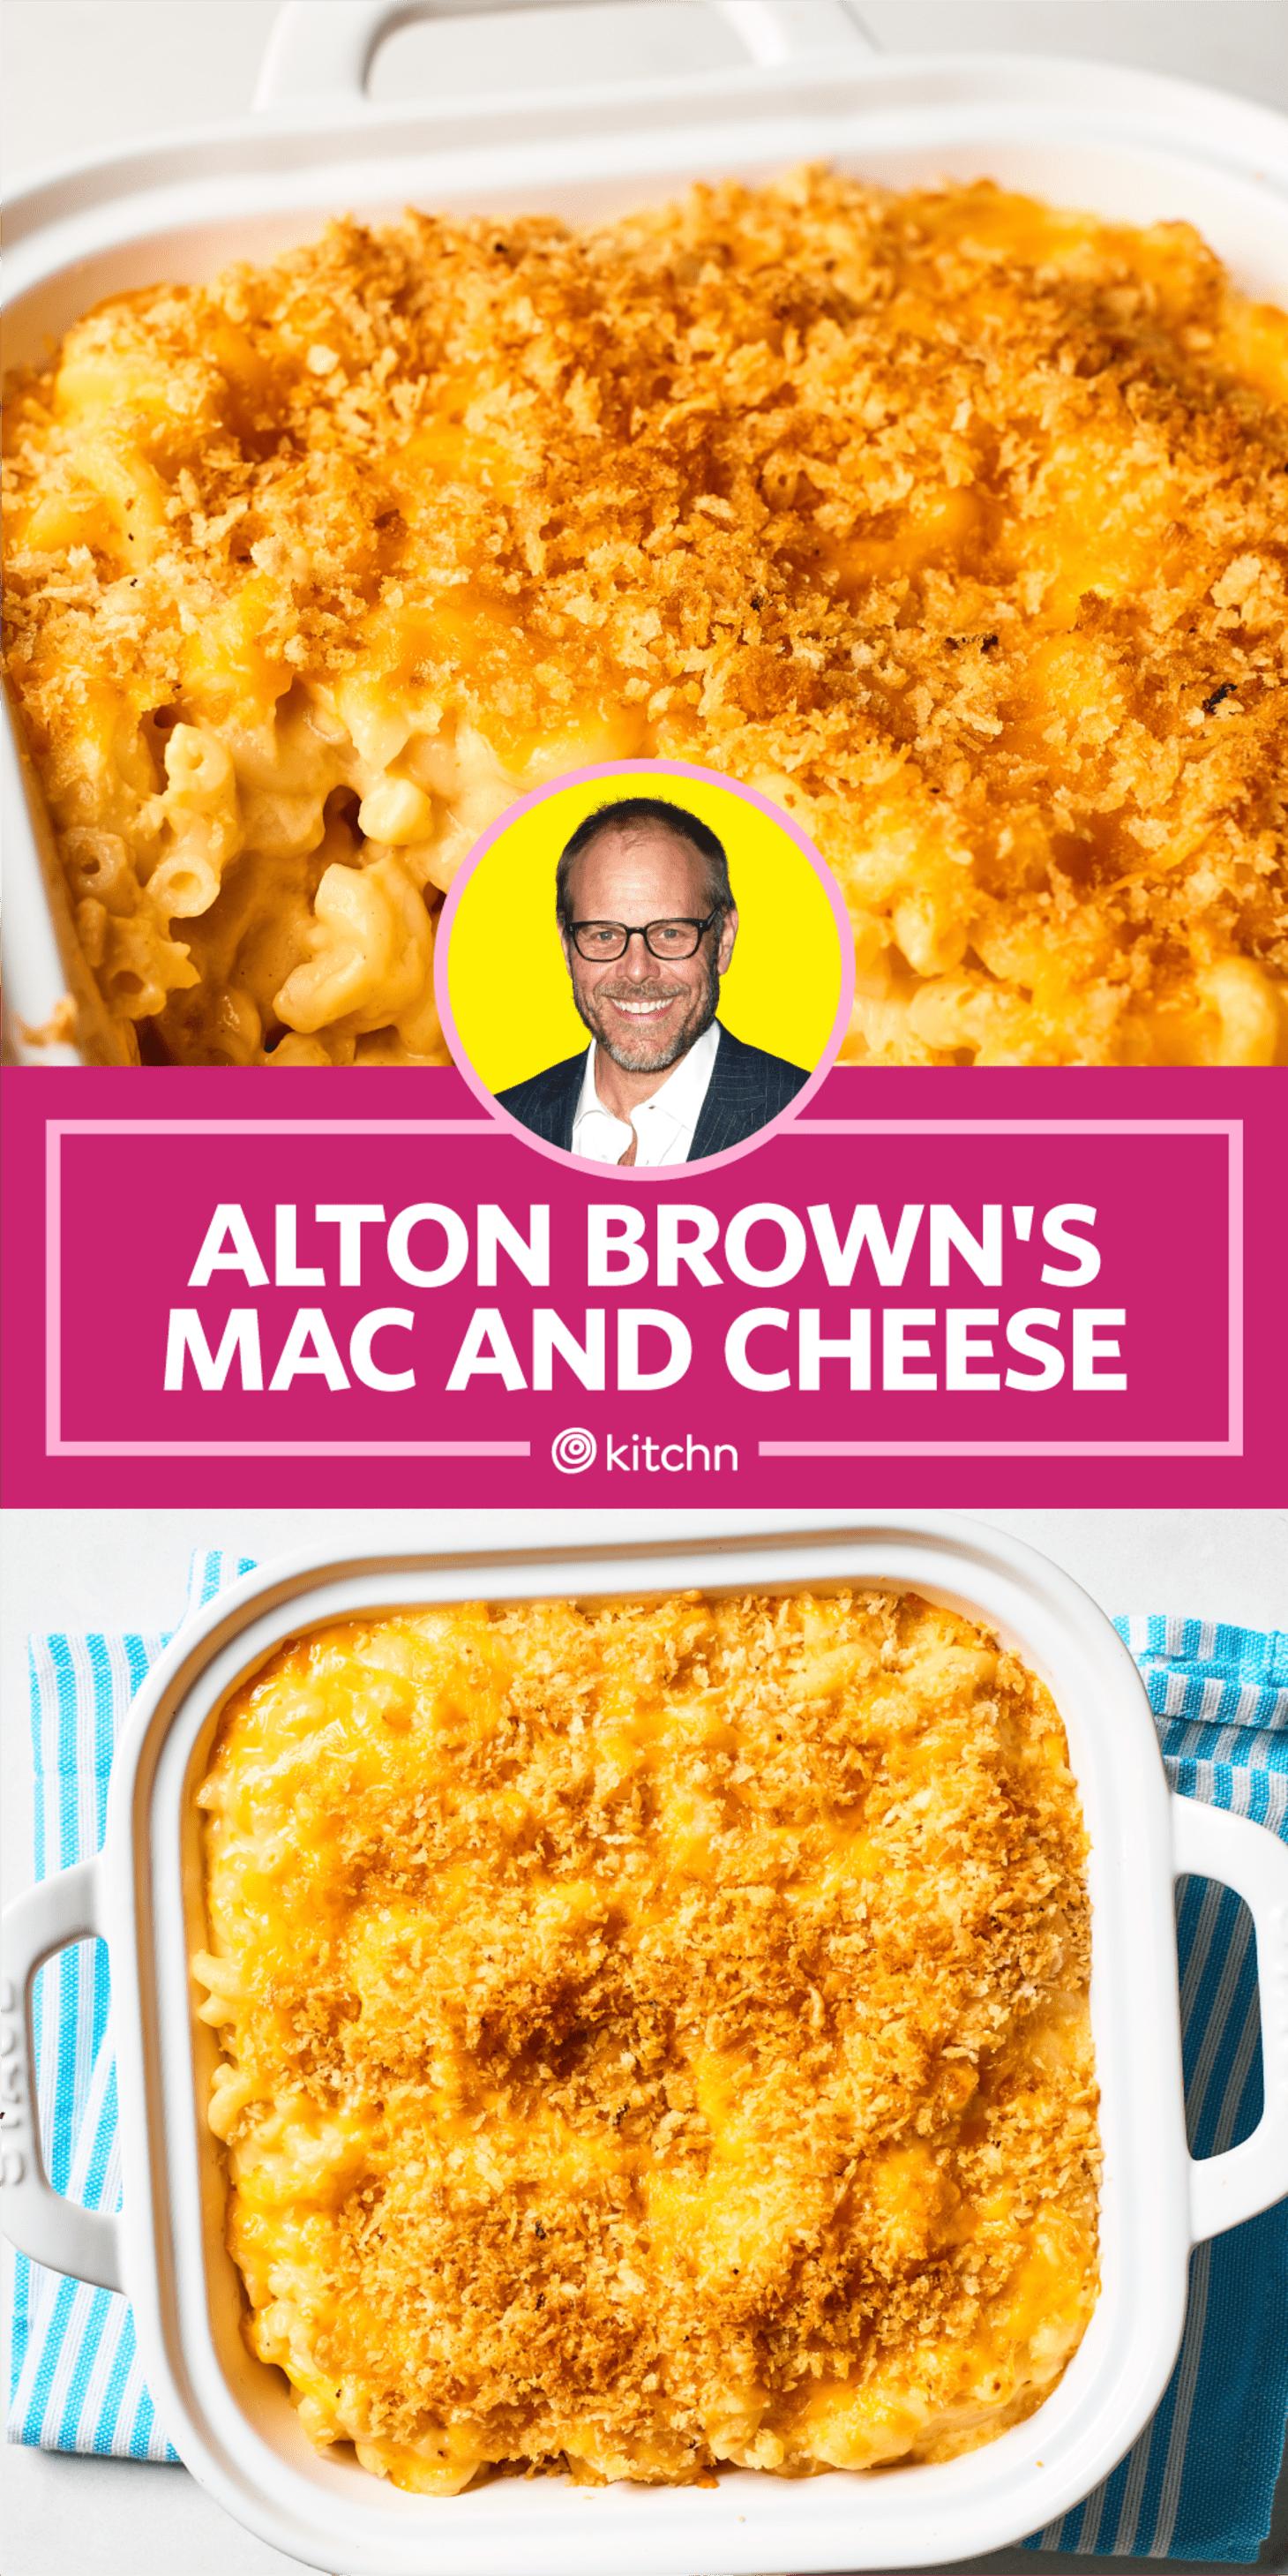 alton brown no bake mac and cheese